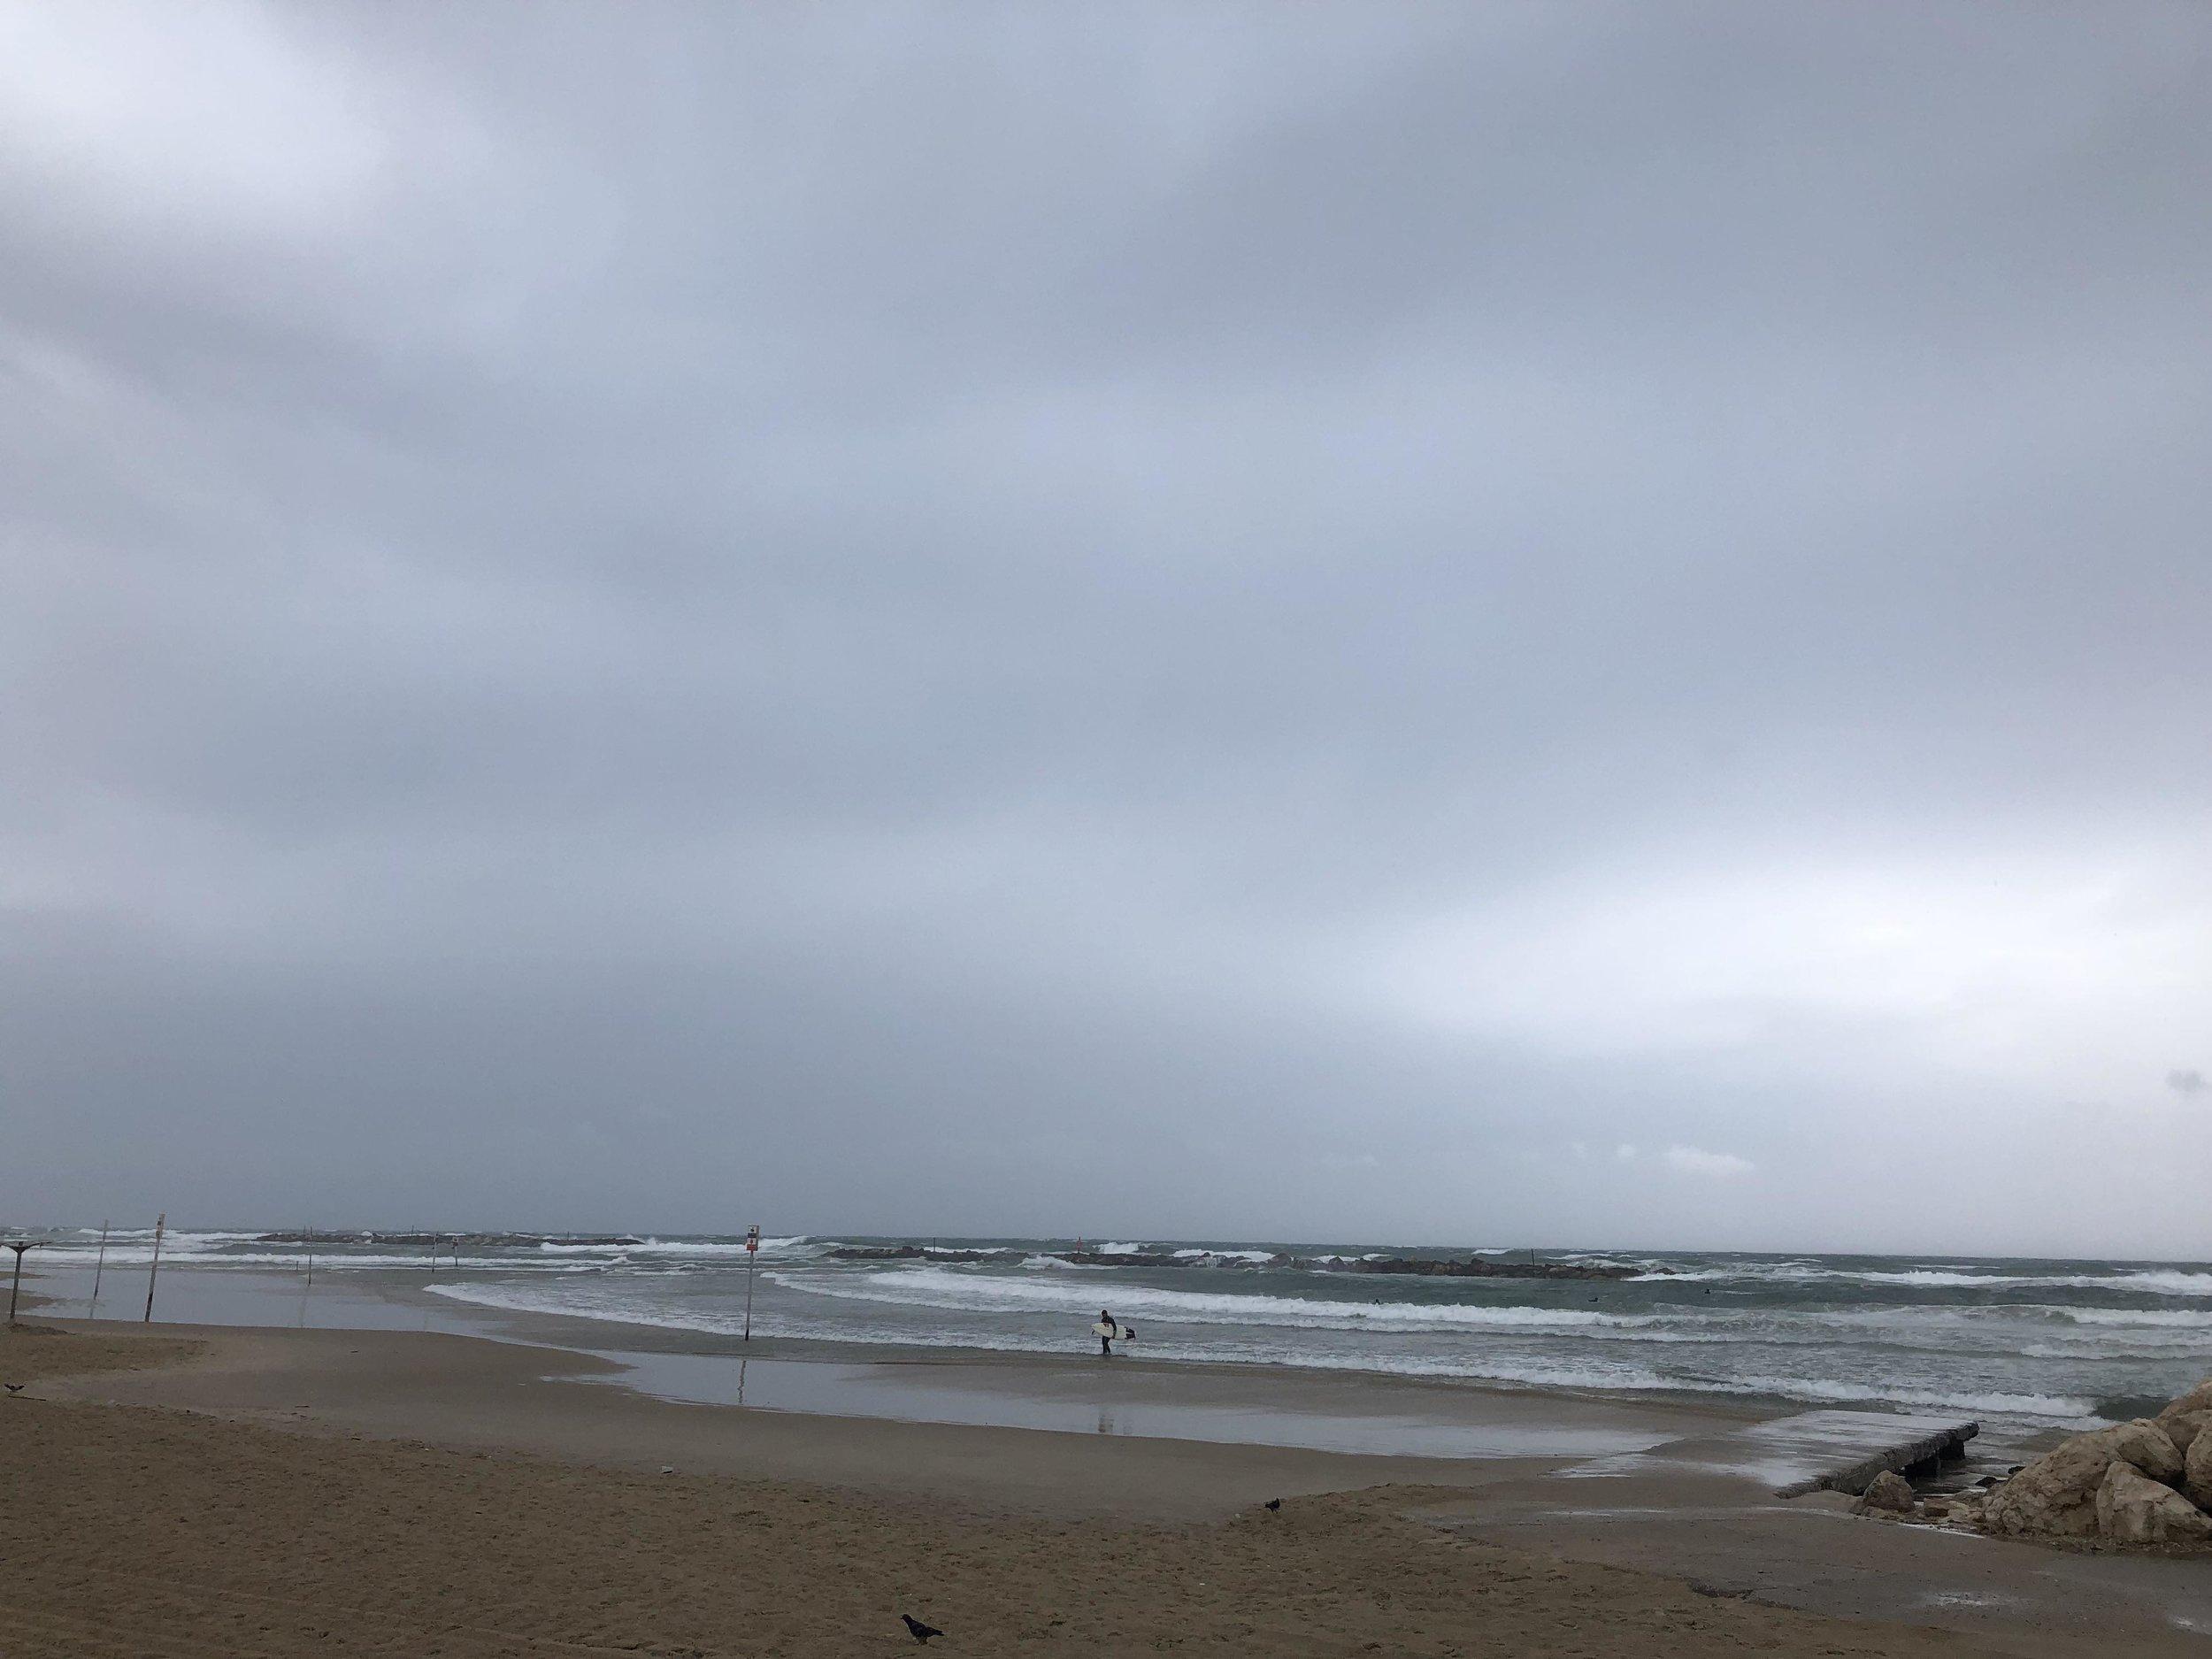 Wind, rain and overcast skies….